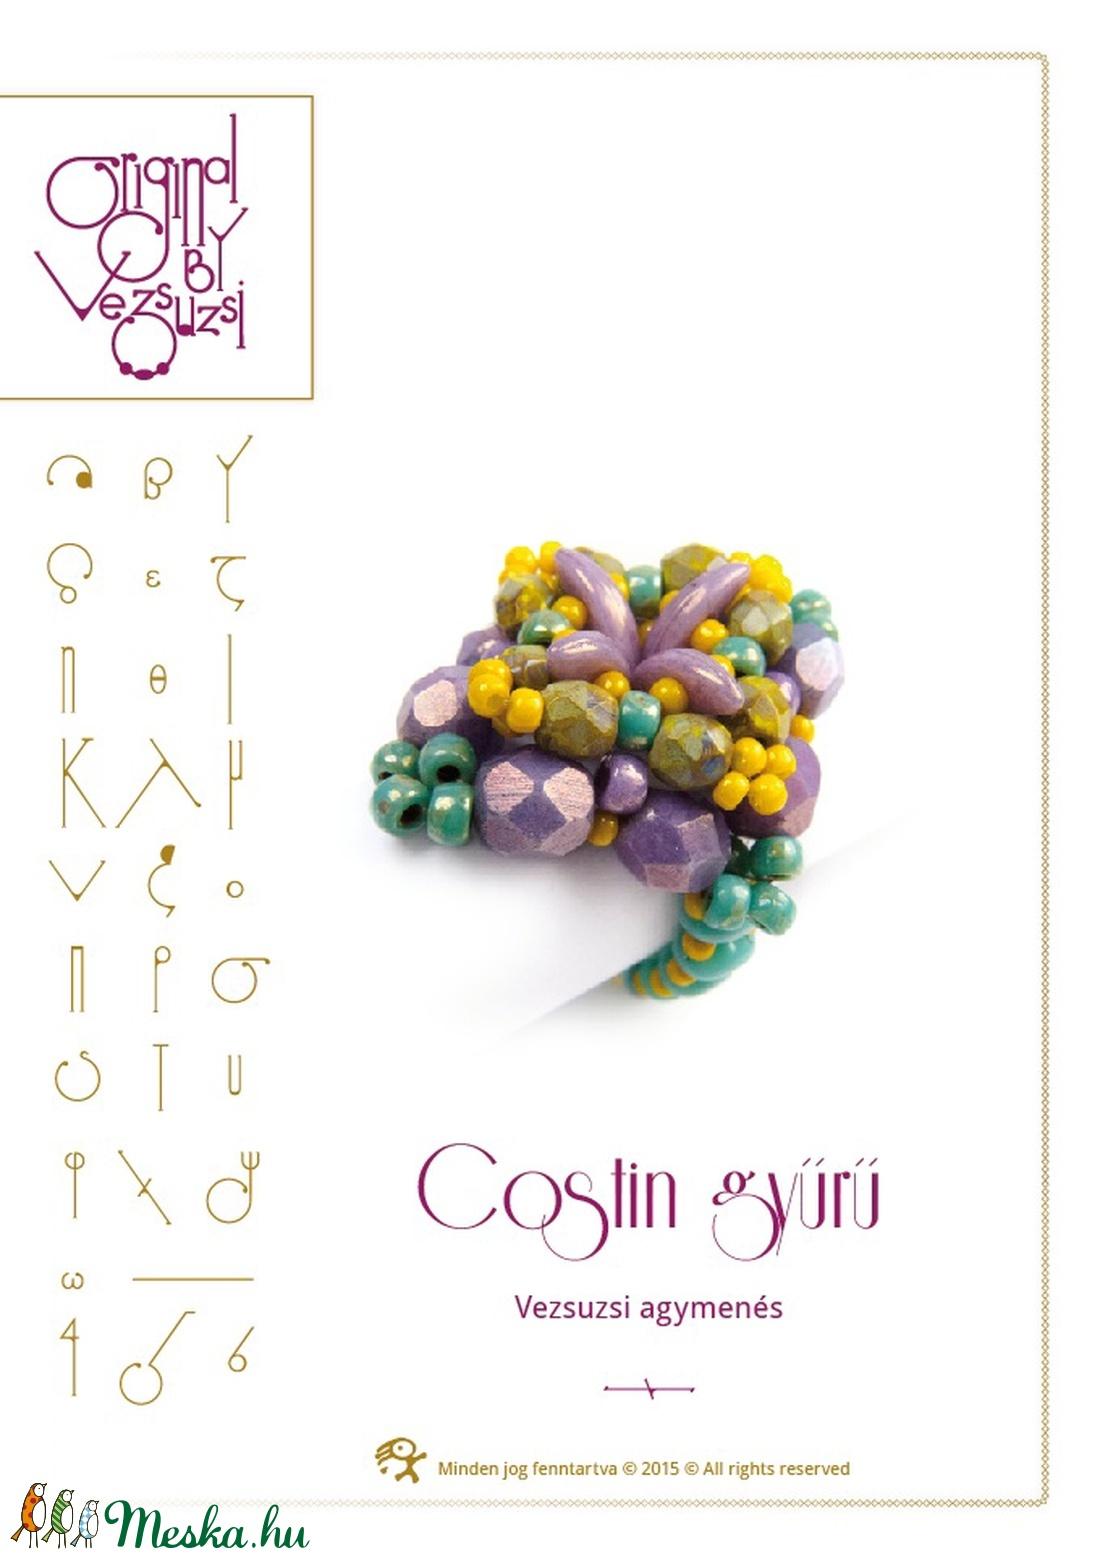 Costin... gyűrű minta egyéni felhasználásra (vezsuzsiminta) - Meska.hu